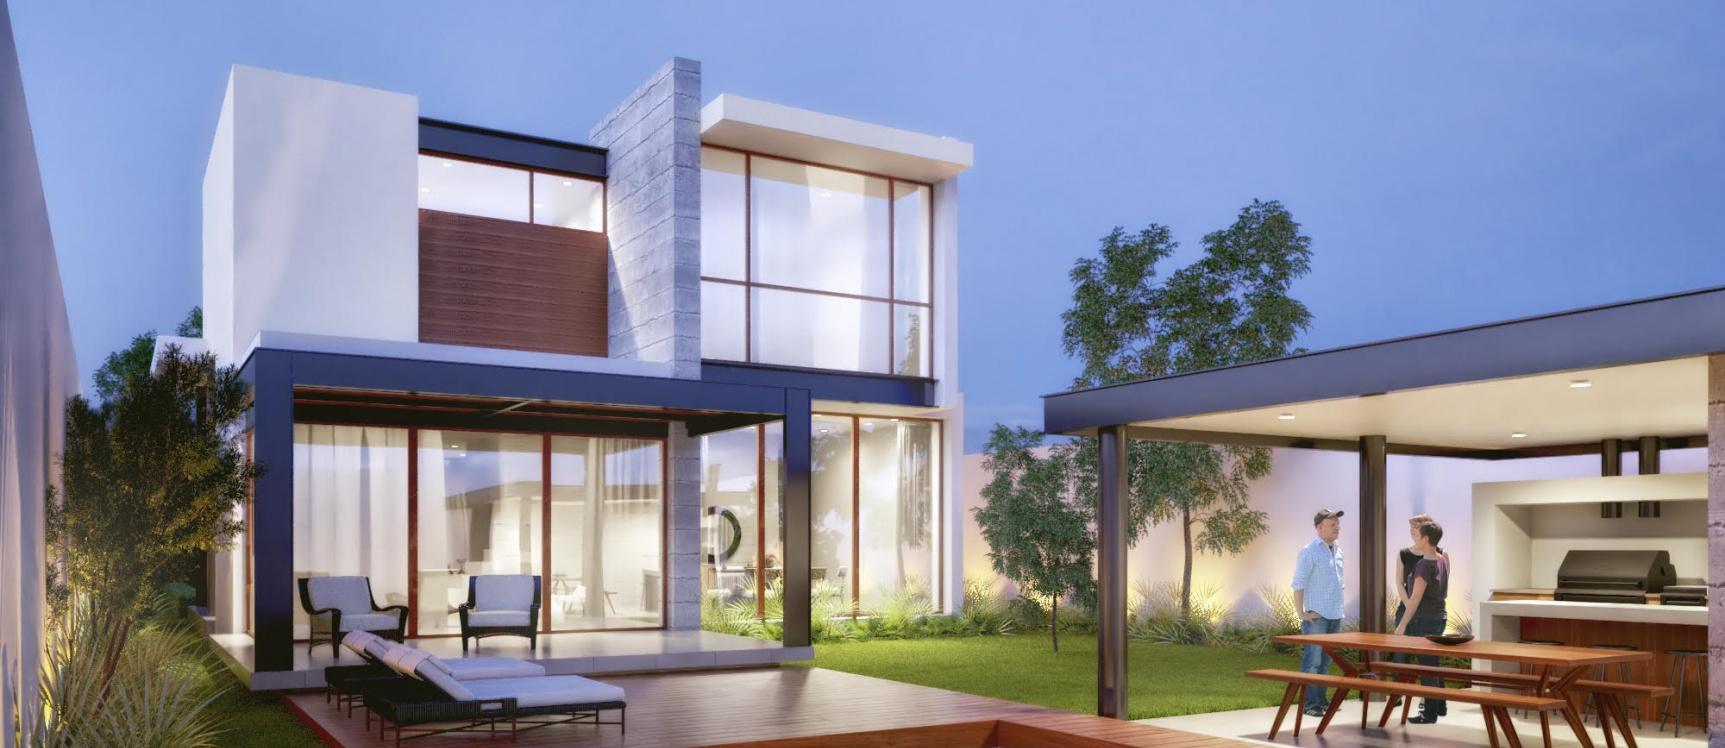 GeoBienes - Mocolí Gardens Exclusive 44 - Plusvalia Guayaquil Casas de venta y alquiler Inmobiliaria Ecuador